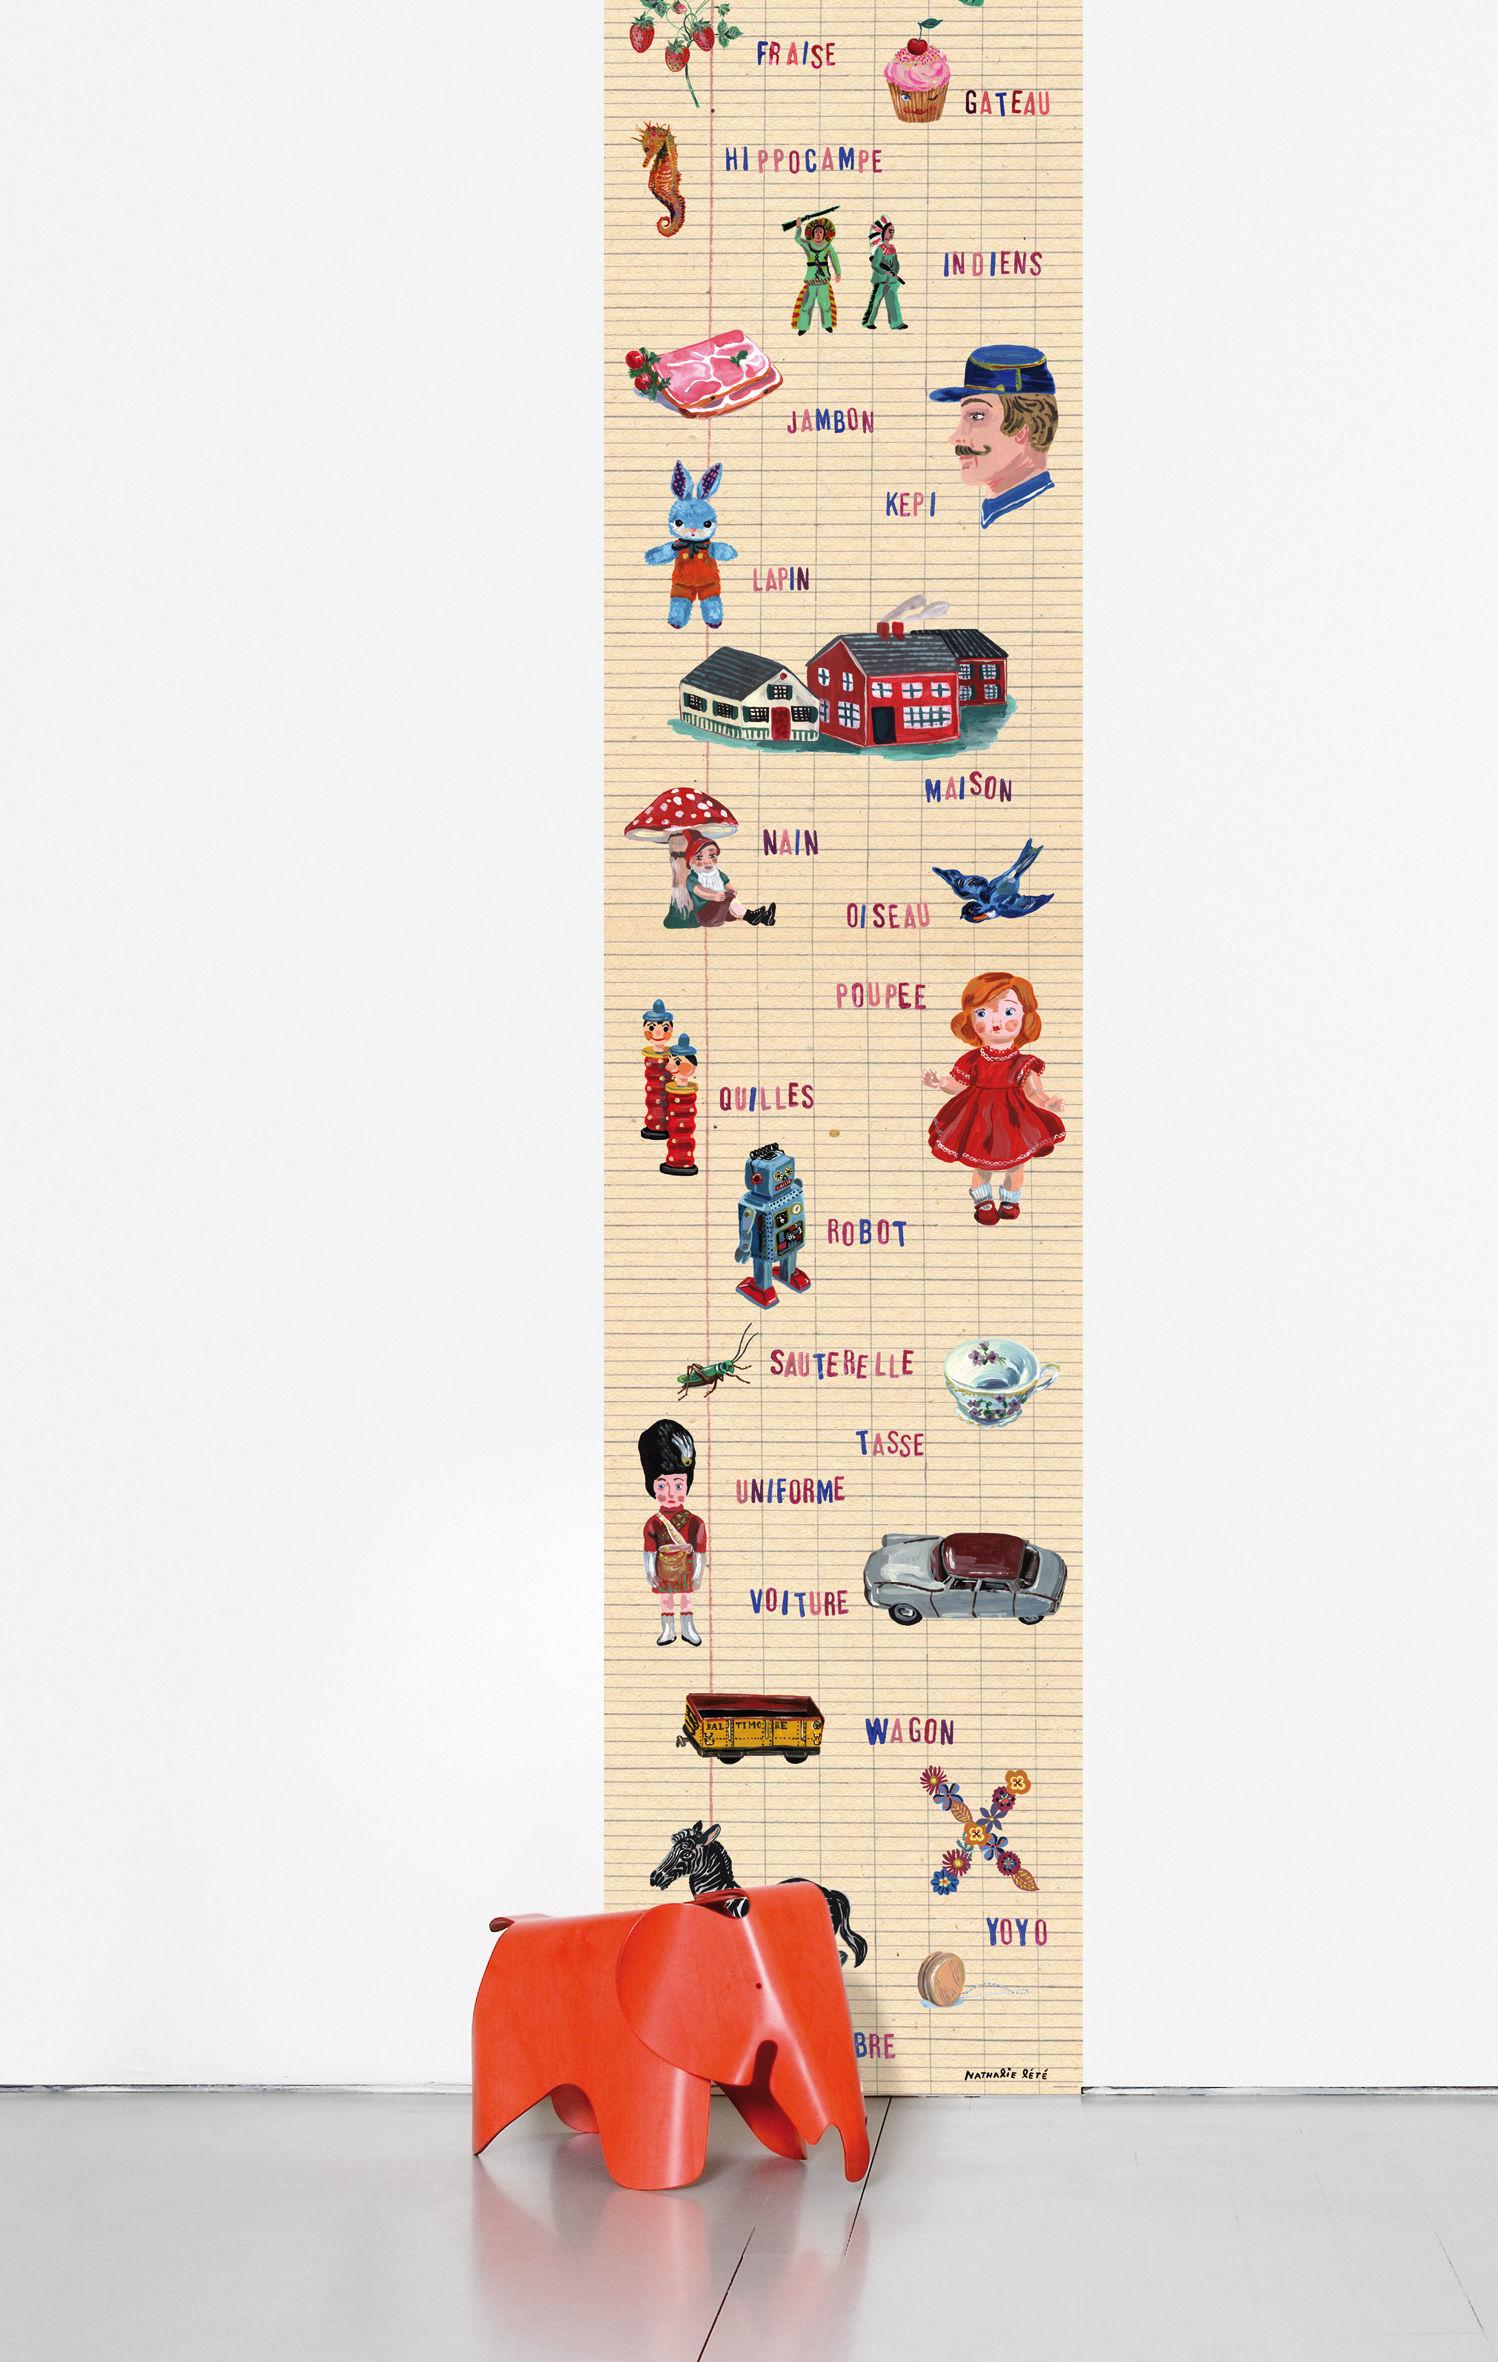 Déco - Stickers, papiers peints & posters - Papier peint Abécédaire / 1 lé - Domestic - Abécédaire / Multicolore - Papier intissé